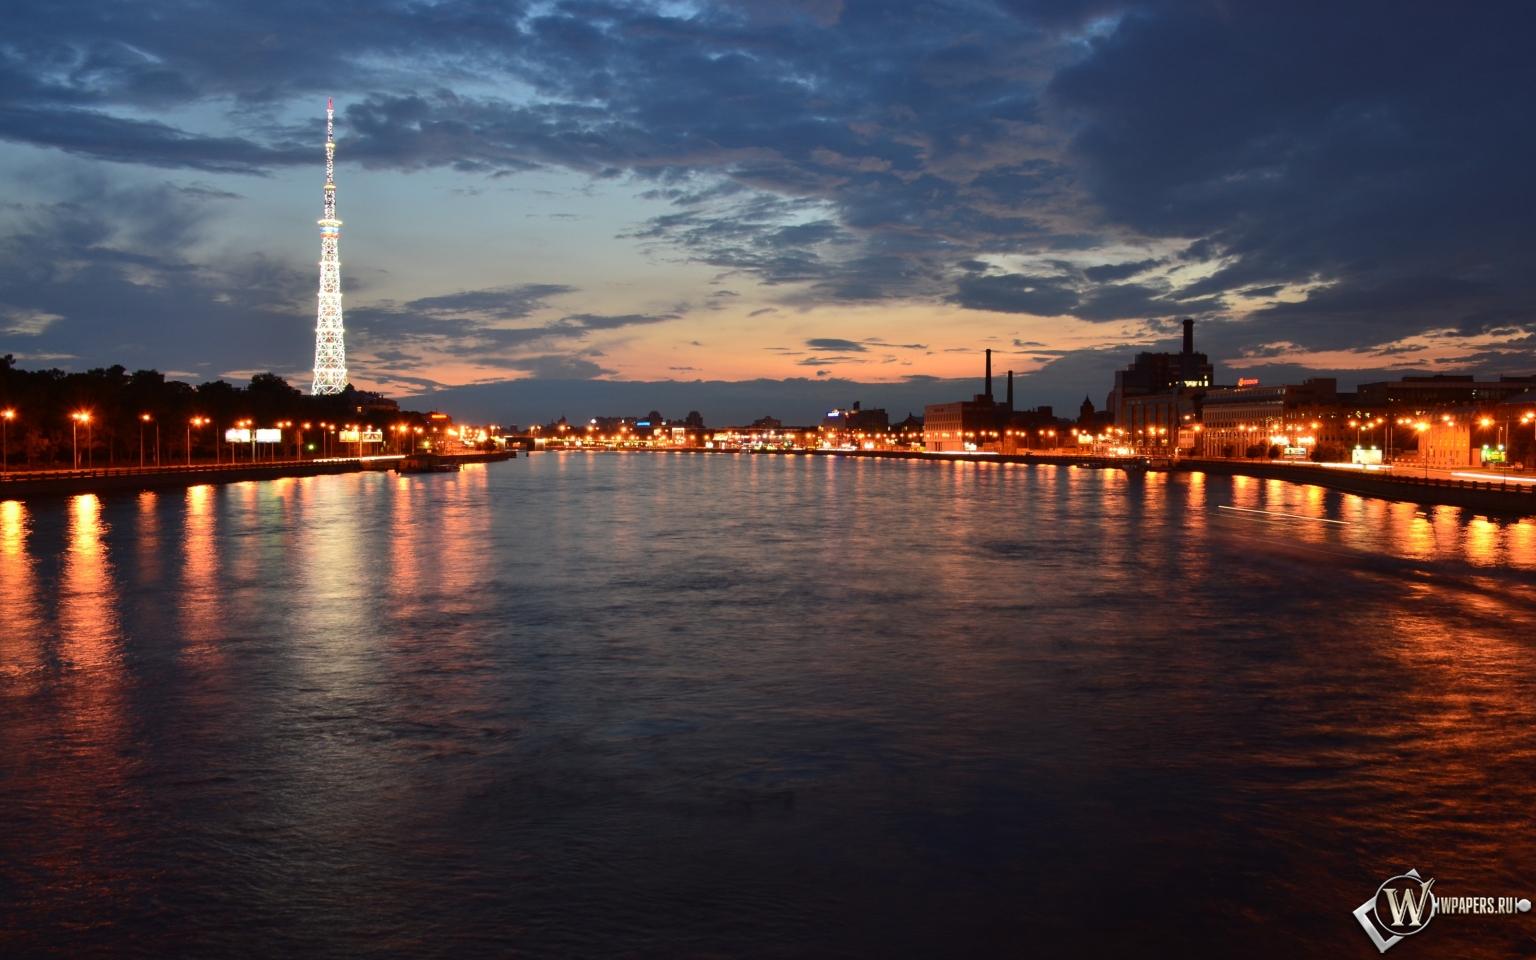 Мост через Неву 1536x960